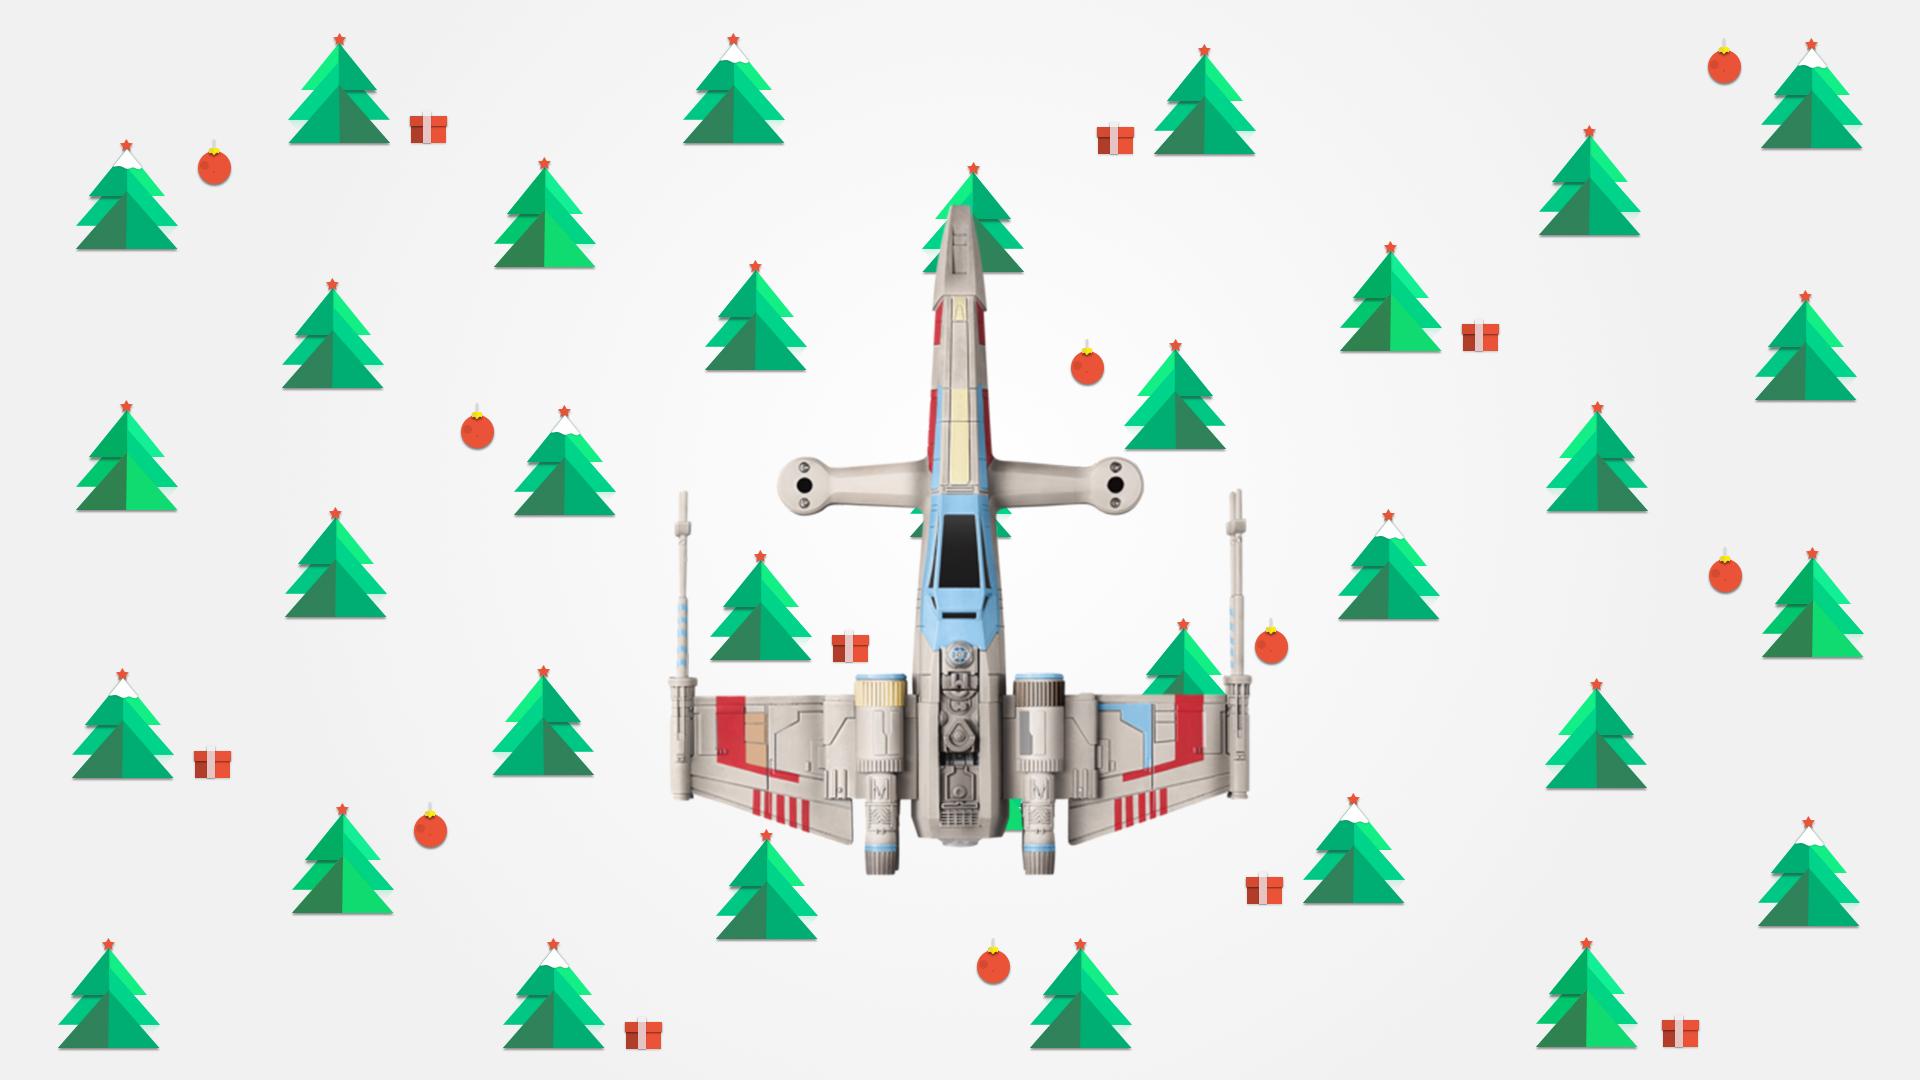 Noël et fêtes de fin d'année: découvrez nos 9 jouets préférés à offrir ou s'offrir